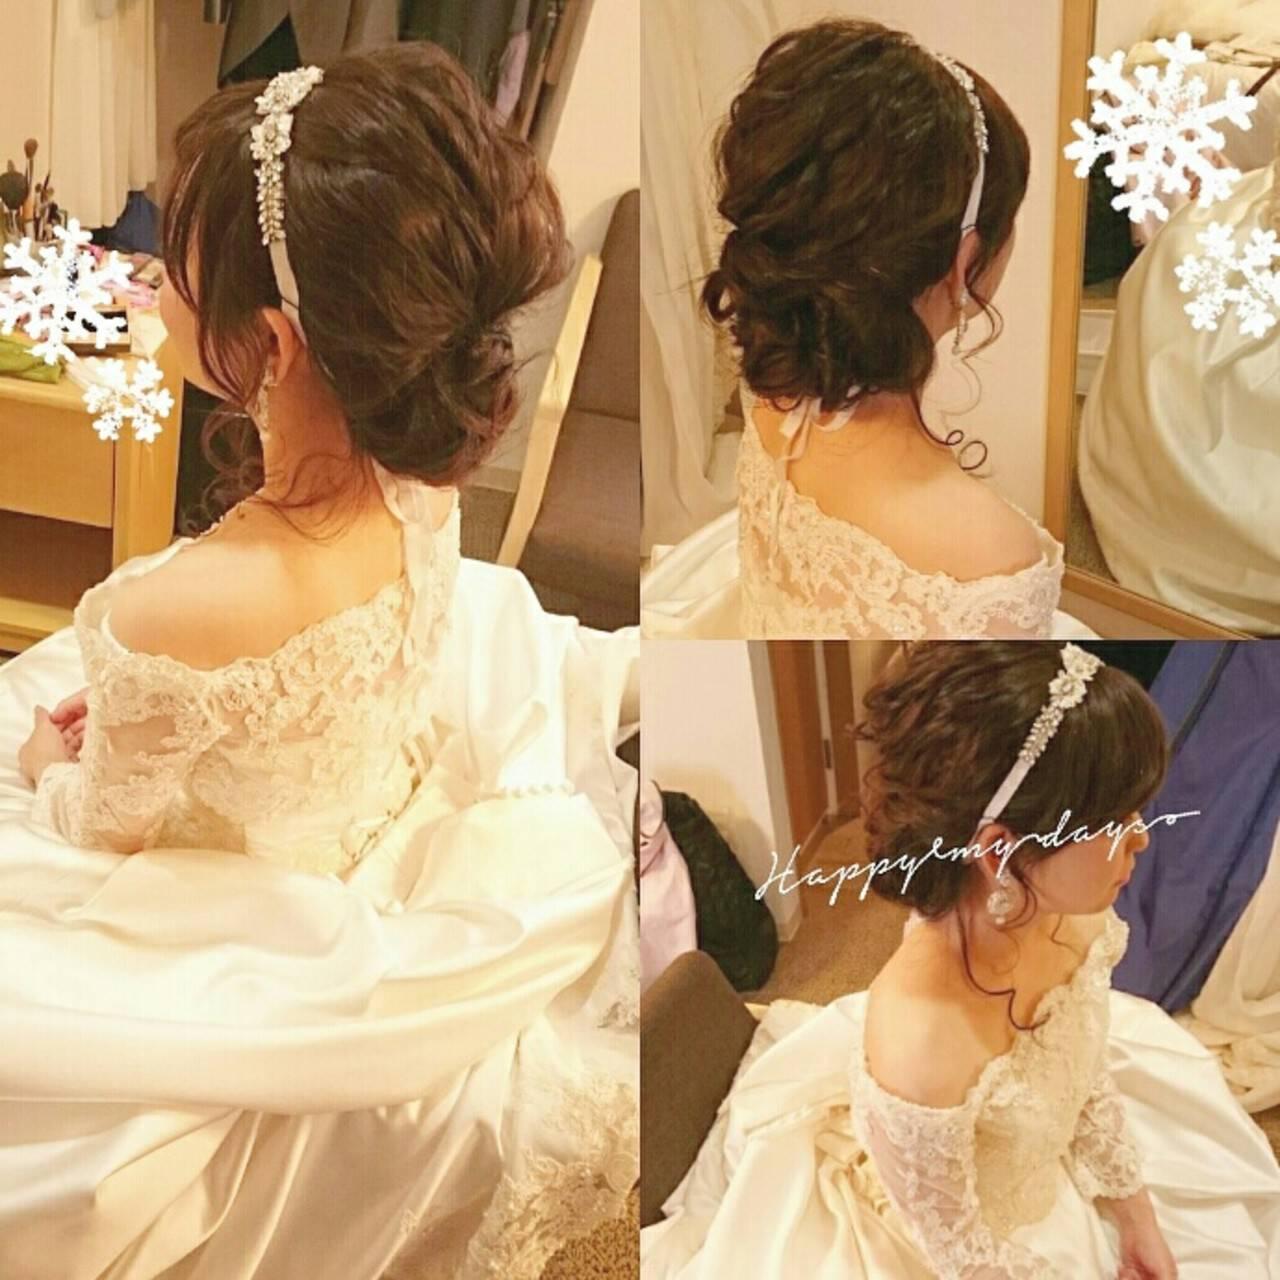 ヘアアレンジ 結婚式 ロング ゆるふわヘアスタイルや髪型の写真・画像